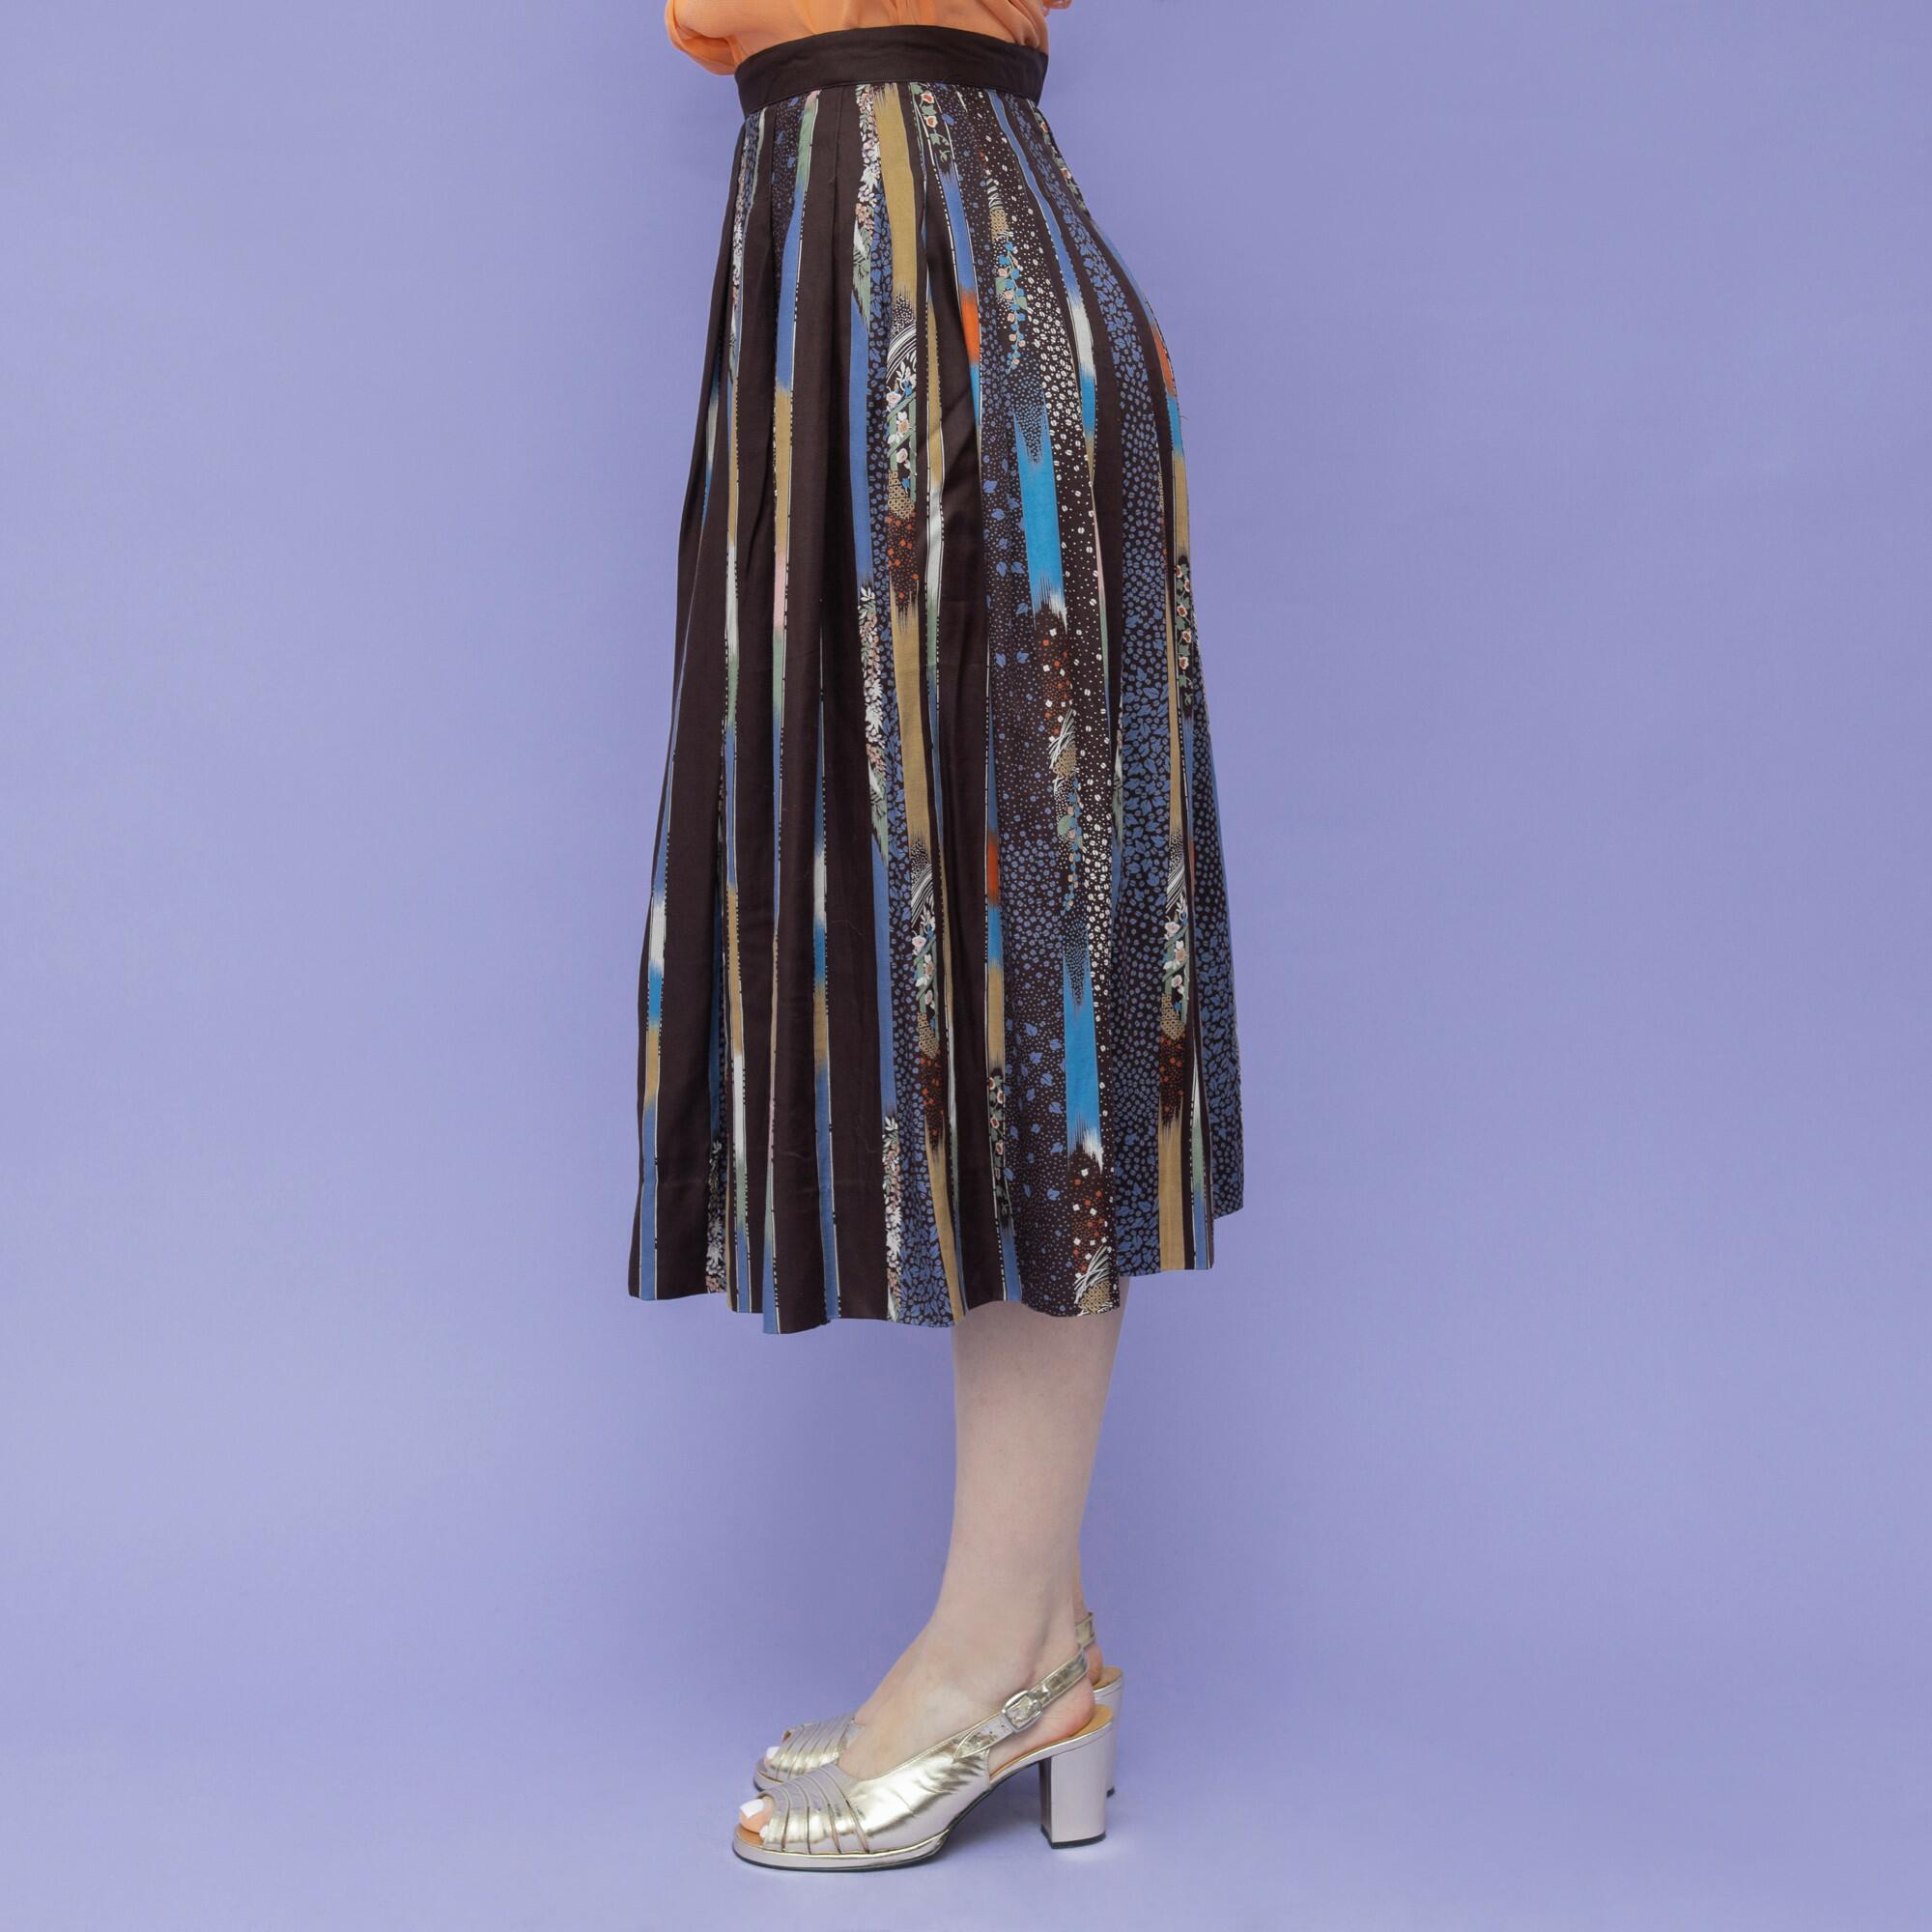 Brązowa spódnica z wiskozy - KEX Vintage Store | JestemSlow.pl